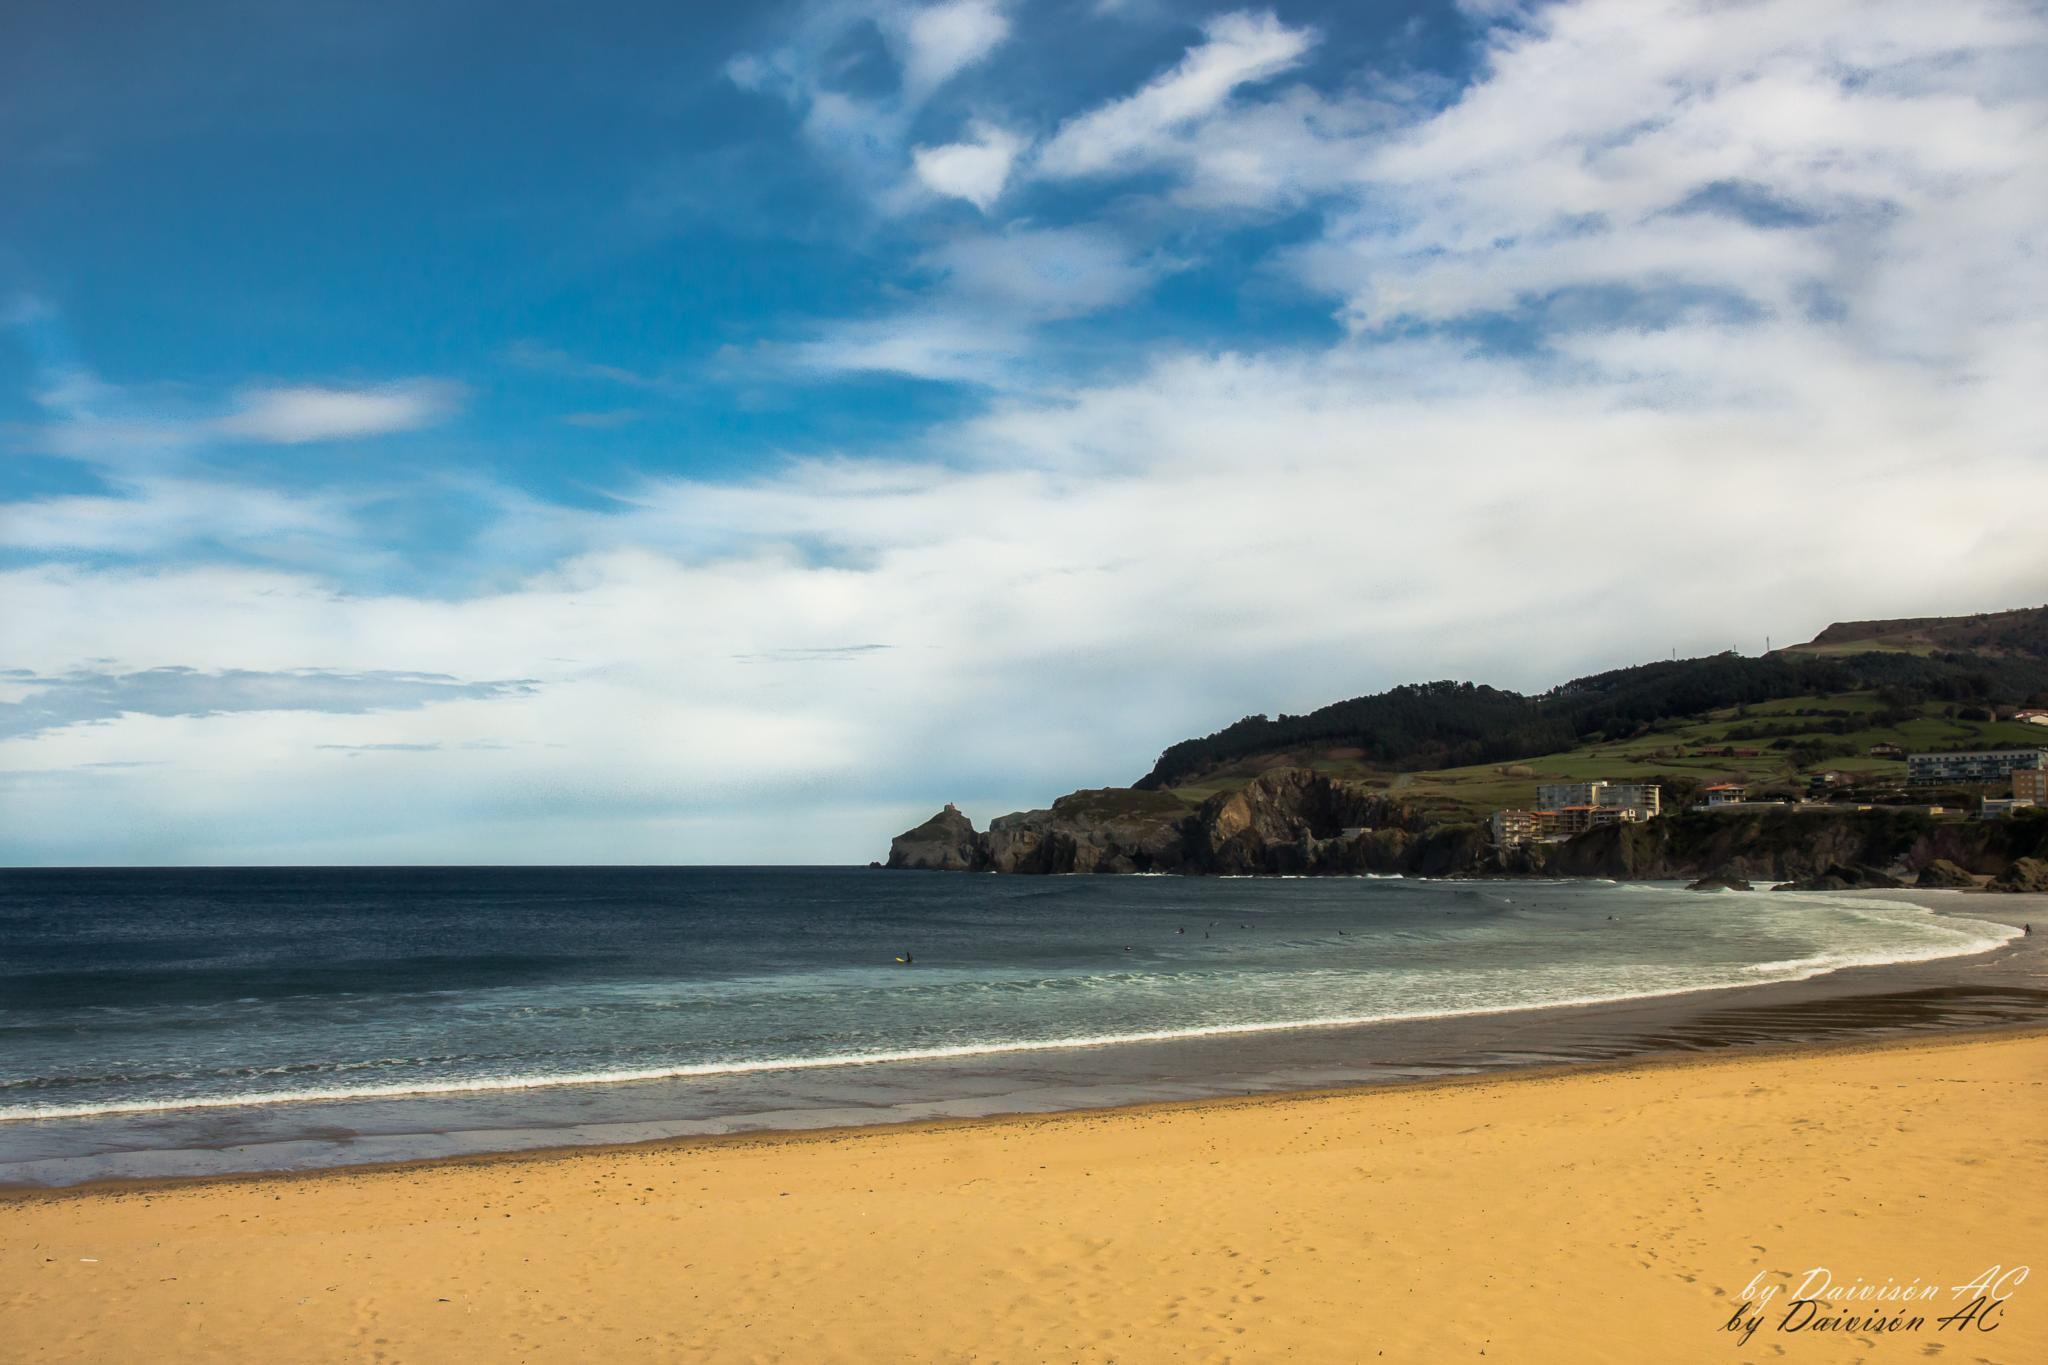 Playa de Bakio by Daivisón A.C